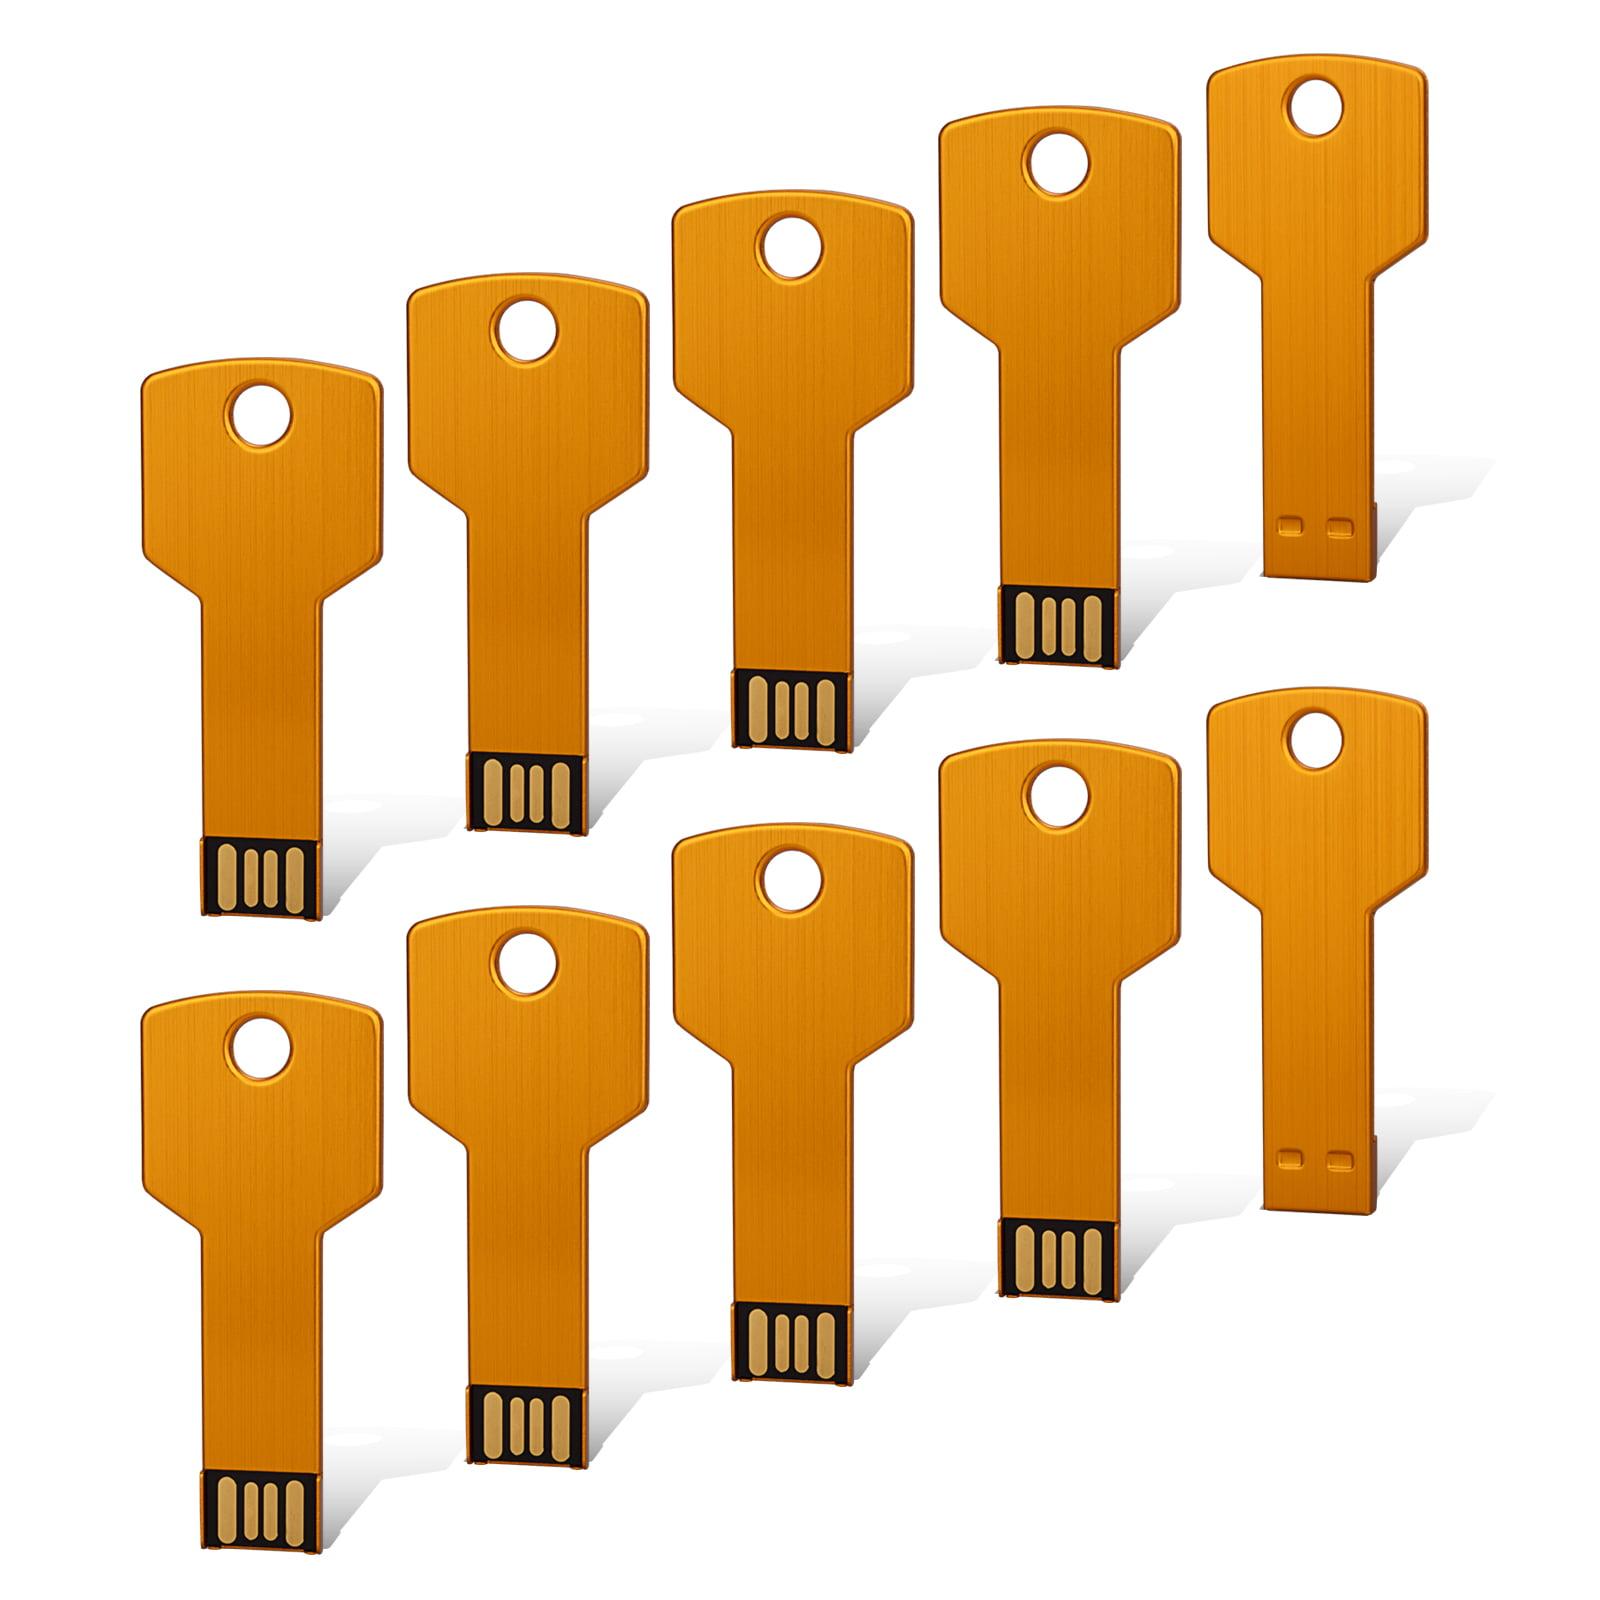 KOOTION 10PCS 1GB 1G USB Flash Drive Metal Key Design USB Flash Drive Metal Key Shaped Memory Stick USB 2.0, 1G